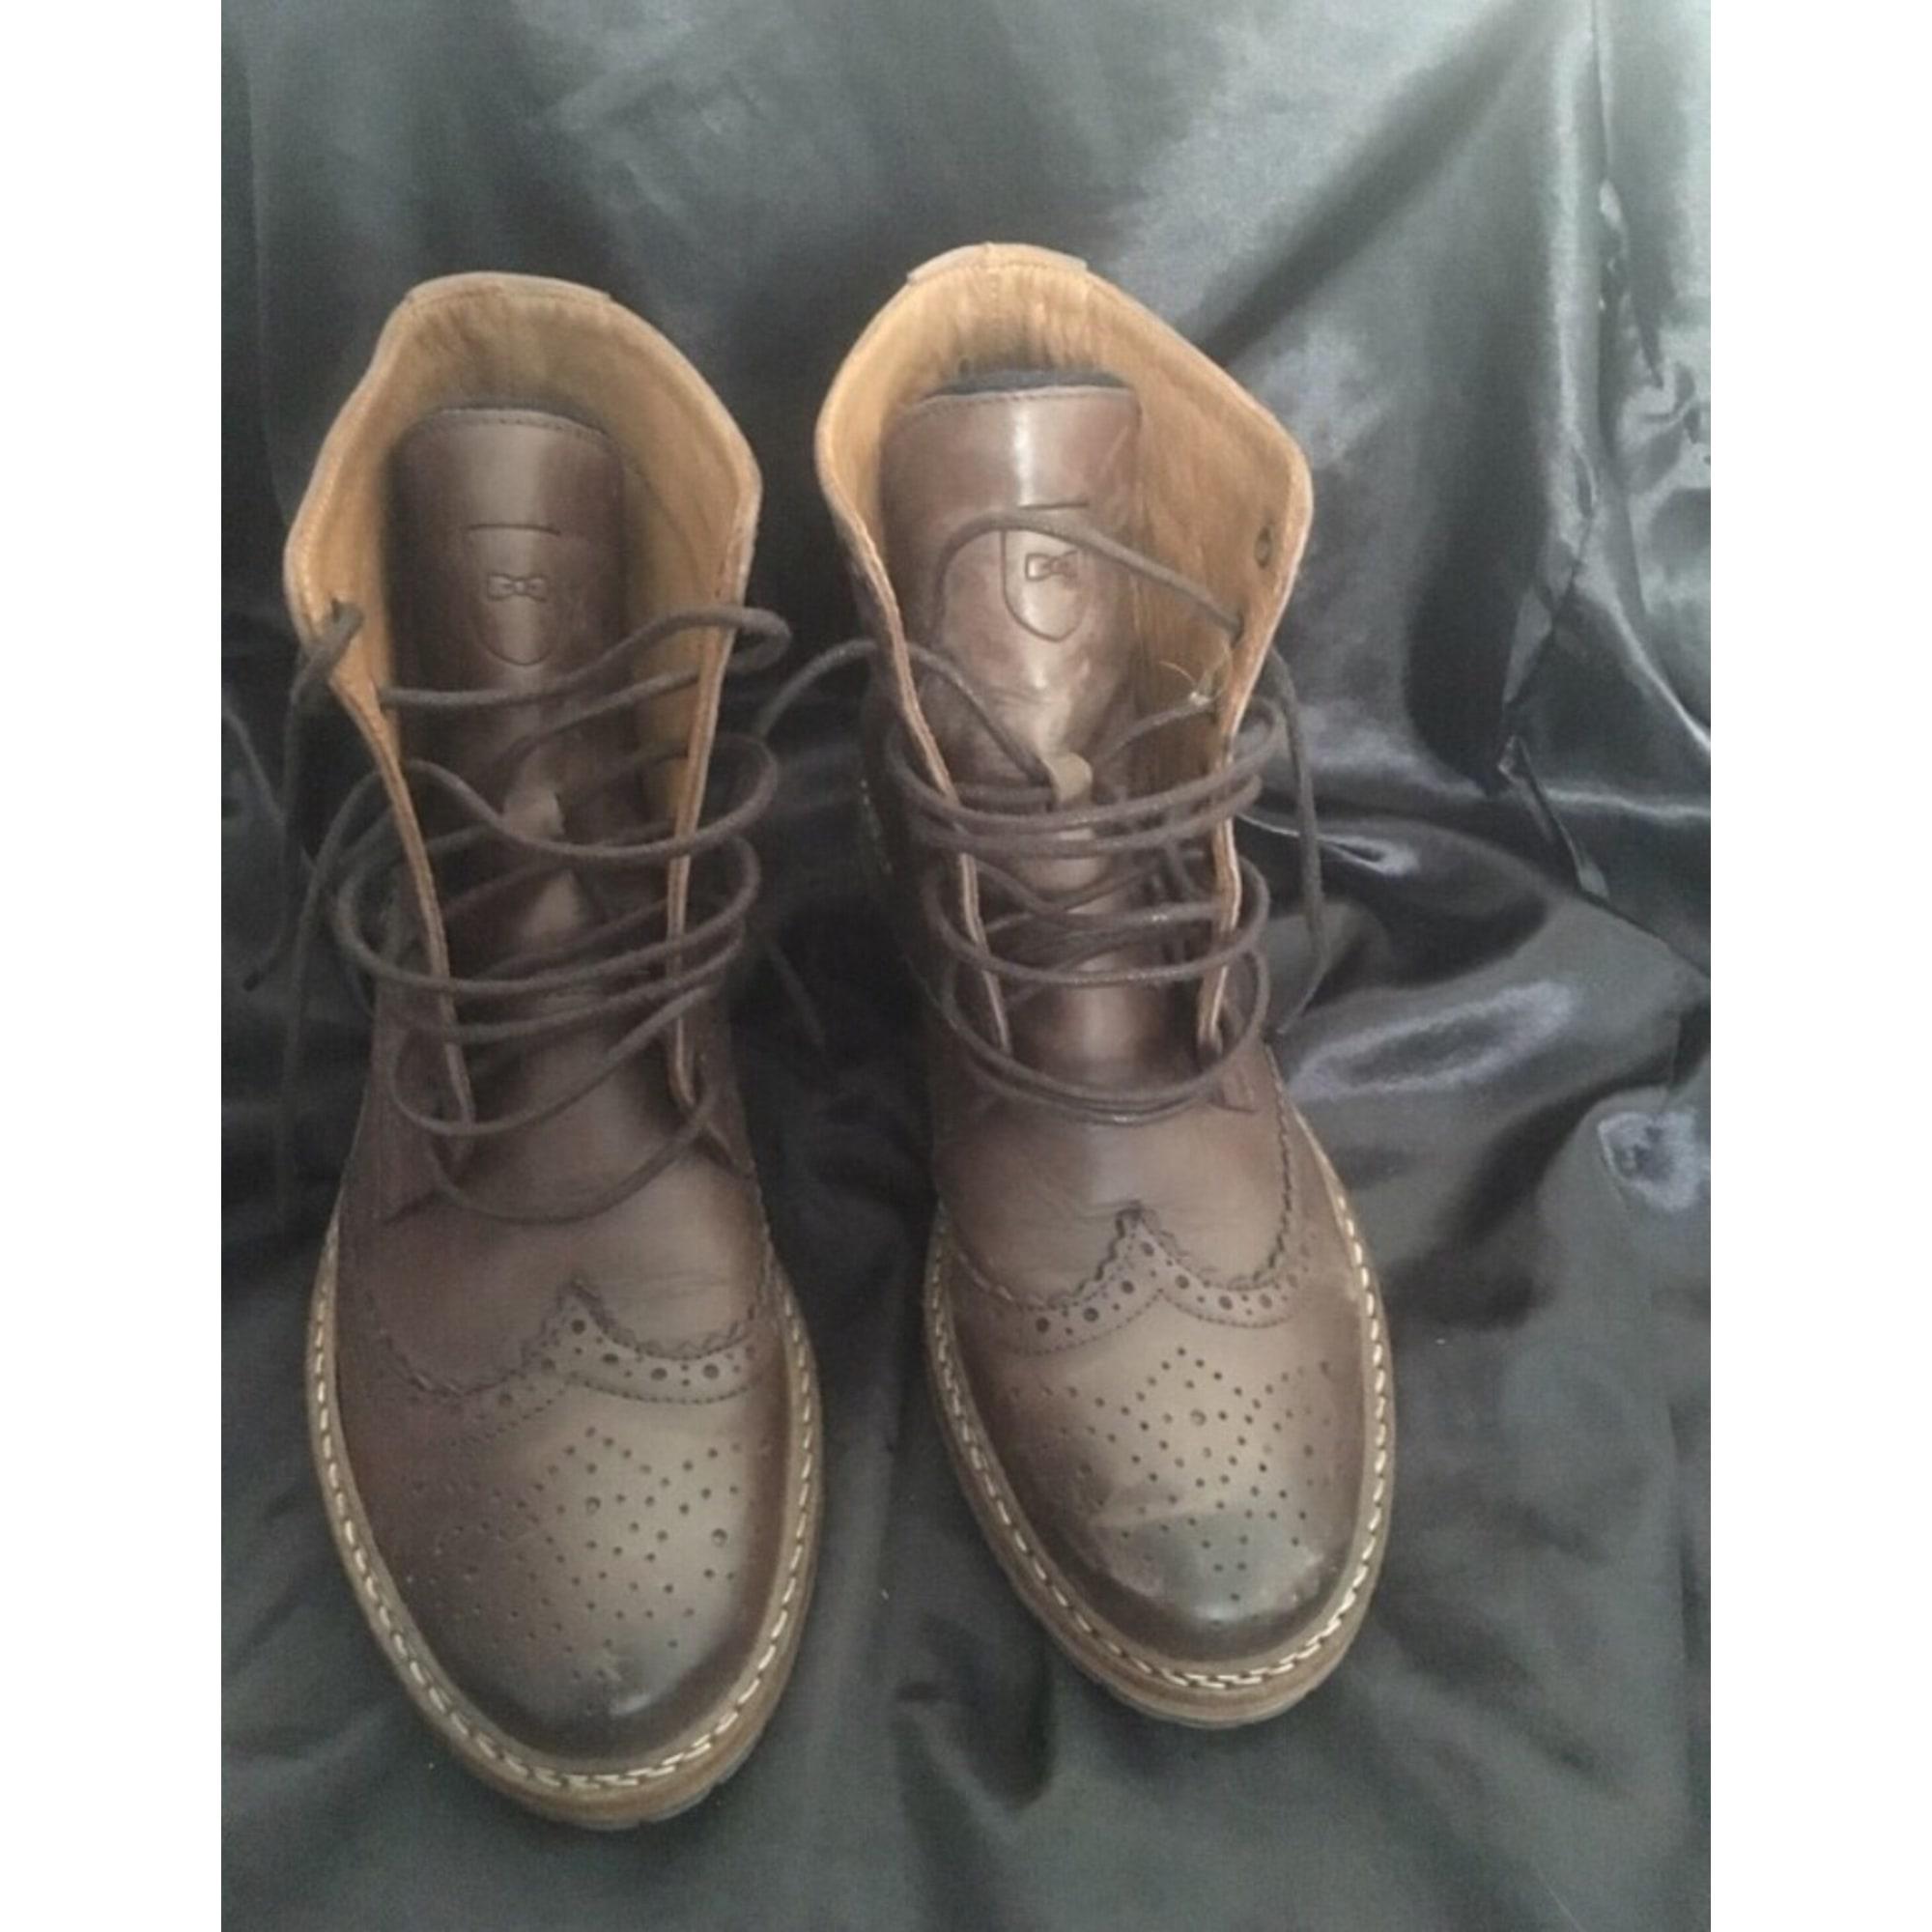 Park 7005962 amp; Boots Eden 36 Marron Plates Low Bottines X4qfx8SRf